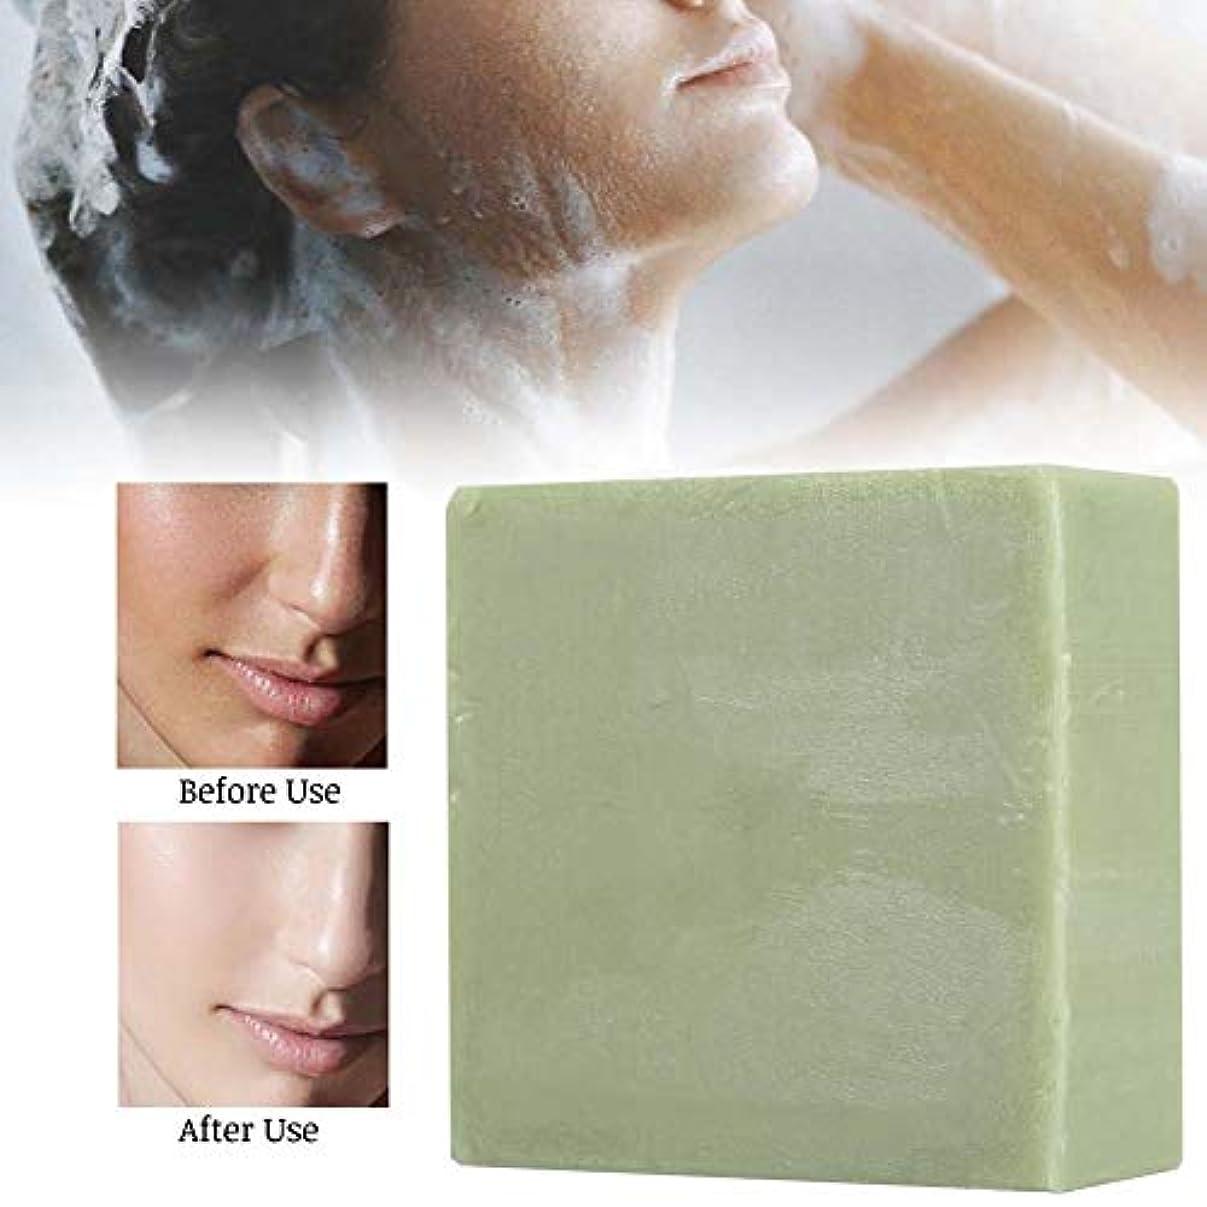 融合亜熱帯流暢手作り石鹸 ハンドメイドグリーンクレイソープ フェイシャルクリーニング 保湿フェイシャルケア バスエッセンシャルオイルソープ